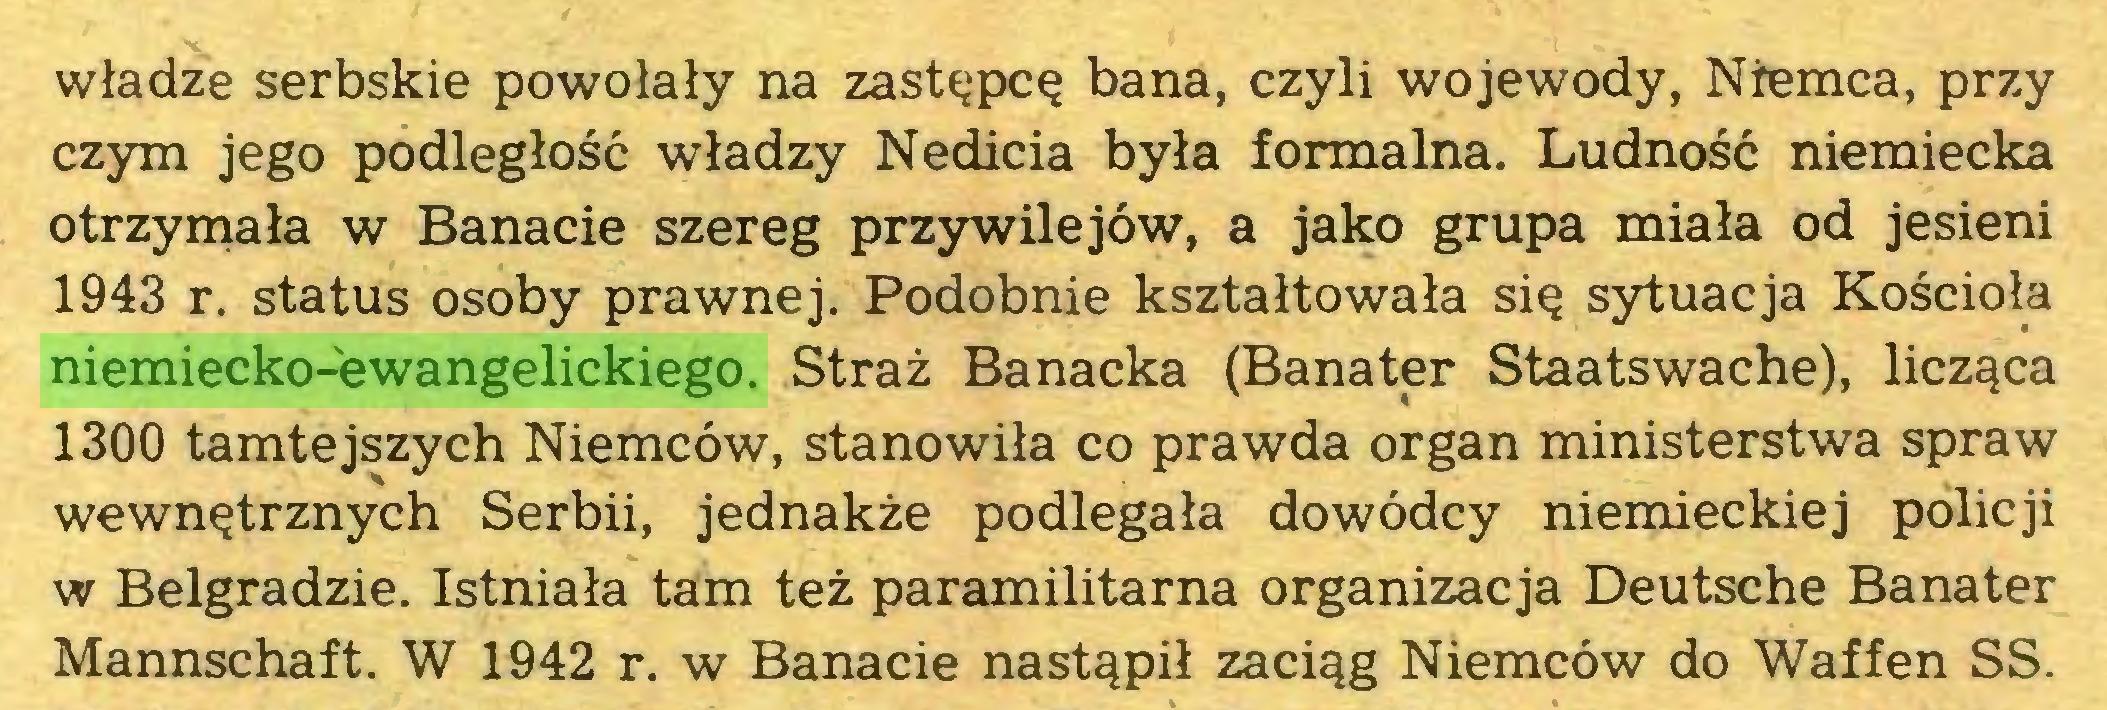 (...) władze serbskie powołały na zastępcę bana, czyli wojewody, Niemca, przy czym jego podległość władzy Nedicia była formalna. Ludność niemiecka otrzymała w Banacie szereg przywilejów, a jako grupa miała od jesieni 1943 r. status osoby prawnej. Podobnie kształtowała się sytuacja Kościoła niemiecko-ewangelickiego. Straż Banacka (Banater Staatswache), licząca 1300 tamtejszych Niemców, stanowiła co prawda organ ministerstwa spraw wewnętrznych Serbii, jednakże podlegała dowódcy niemieckiej policji w Belgradzie. Istniała tam też paramilitarna organizacja Deutsche Banater Mannschaft. W 1942 r. w Banacie nastąpił zaciąg Niemców do Waffen SS...